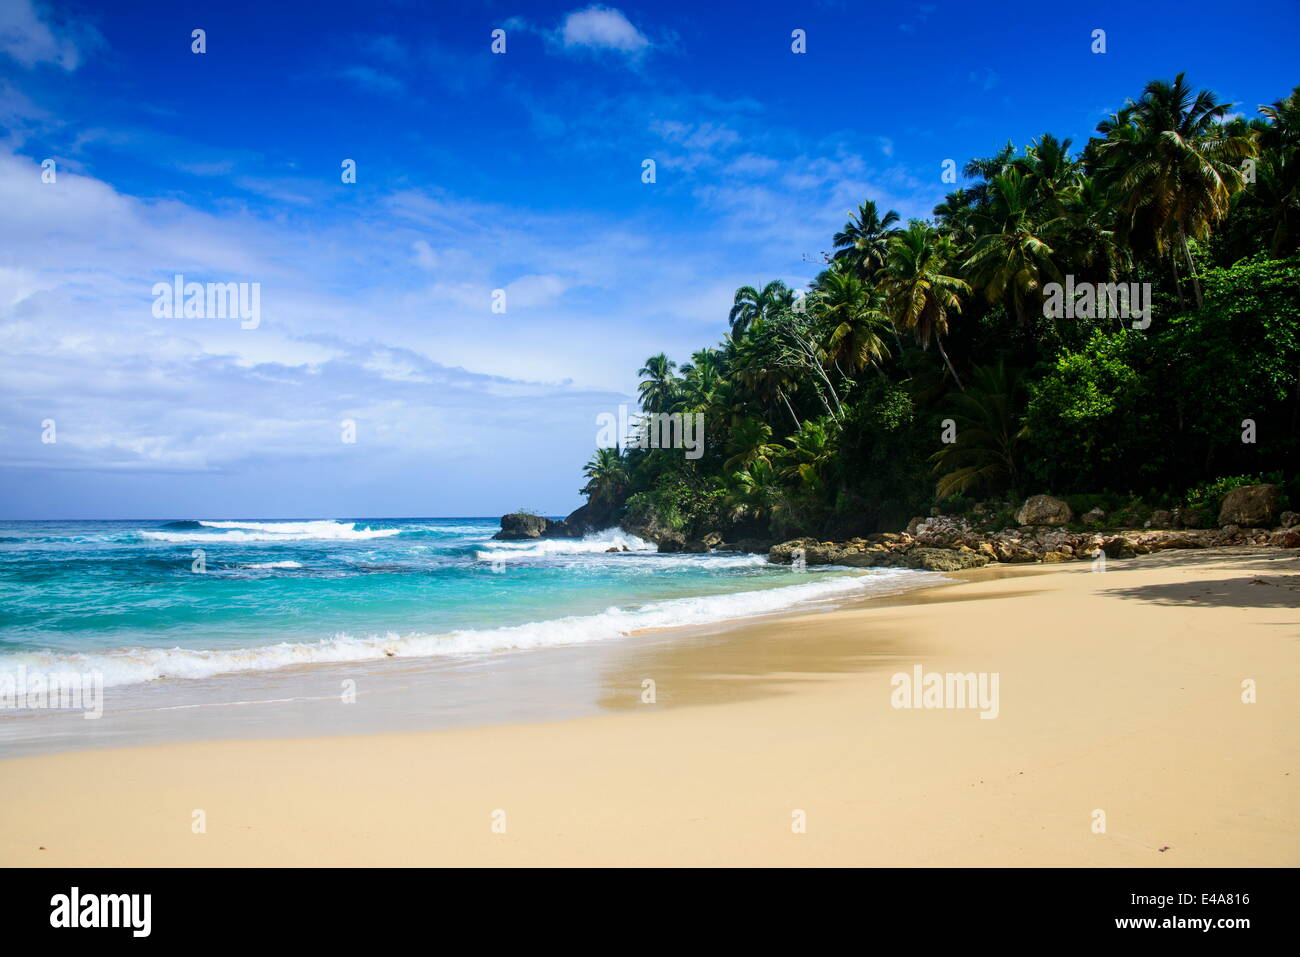 Playa Grande, República Dominicana, Antillas, Caribe, América Central Imagen De Stock